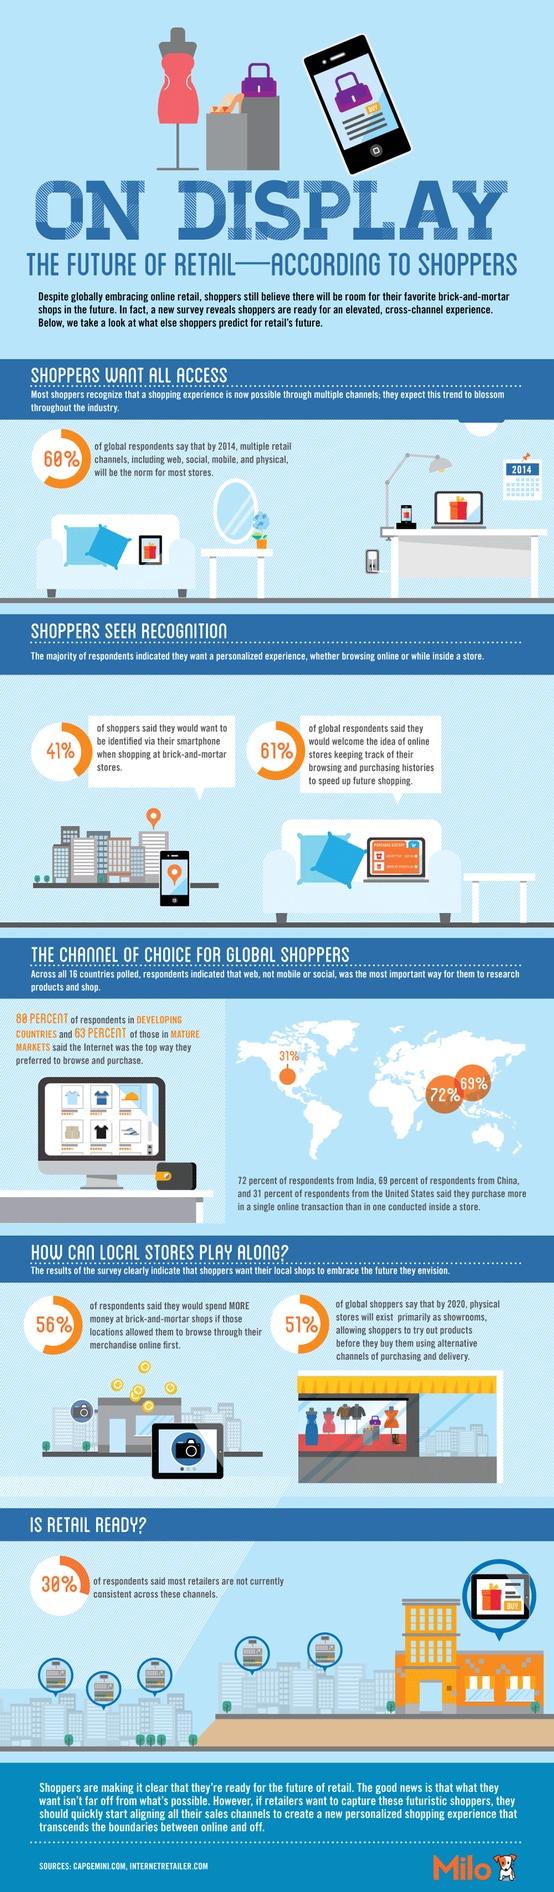 infografia-retail-2-futuro-retail-caad